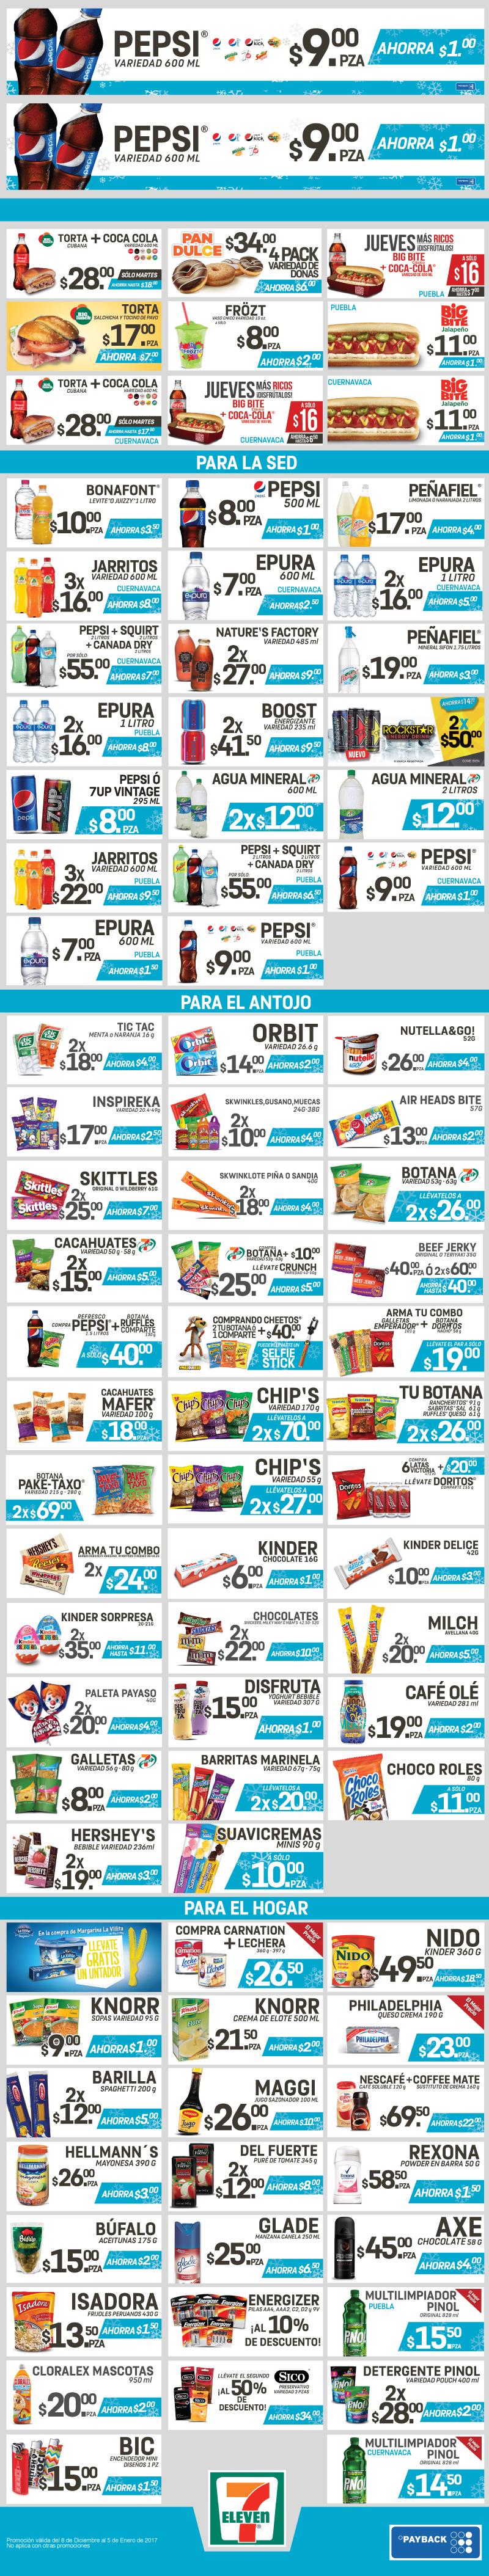 Promociones 7 Eleven Ahorrar Dinero